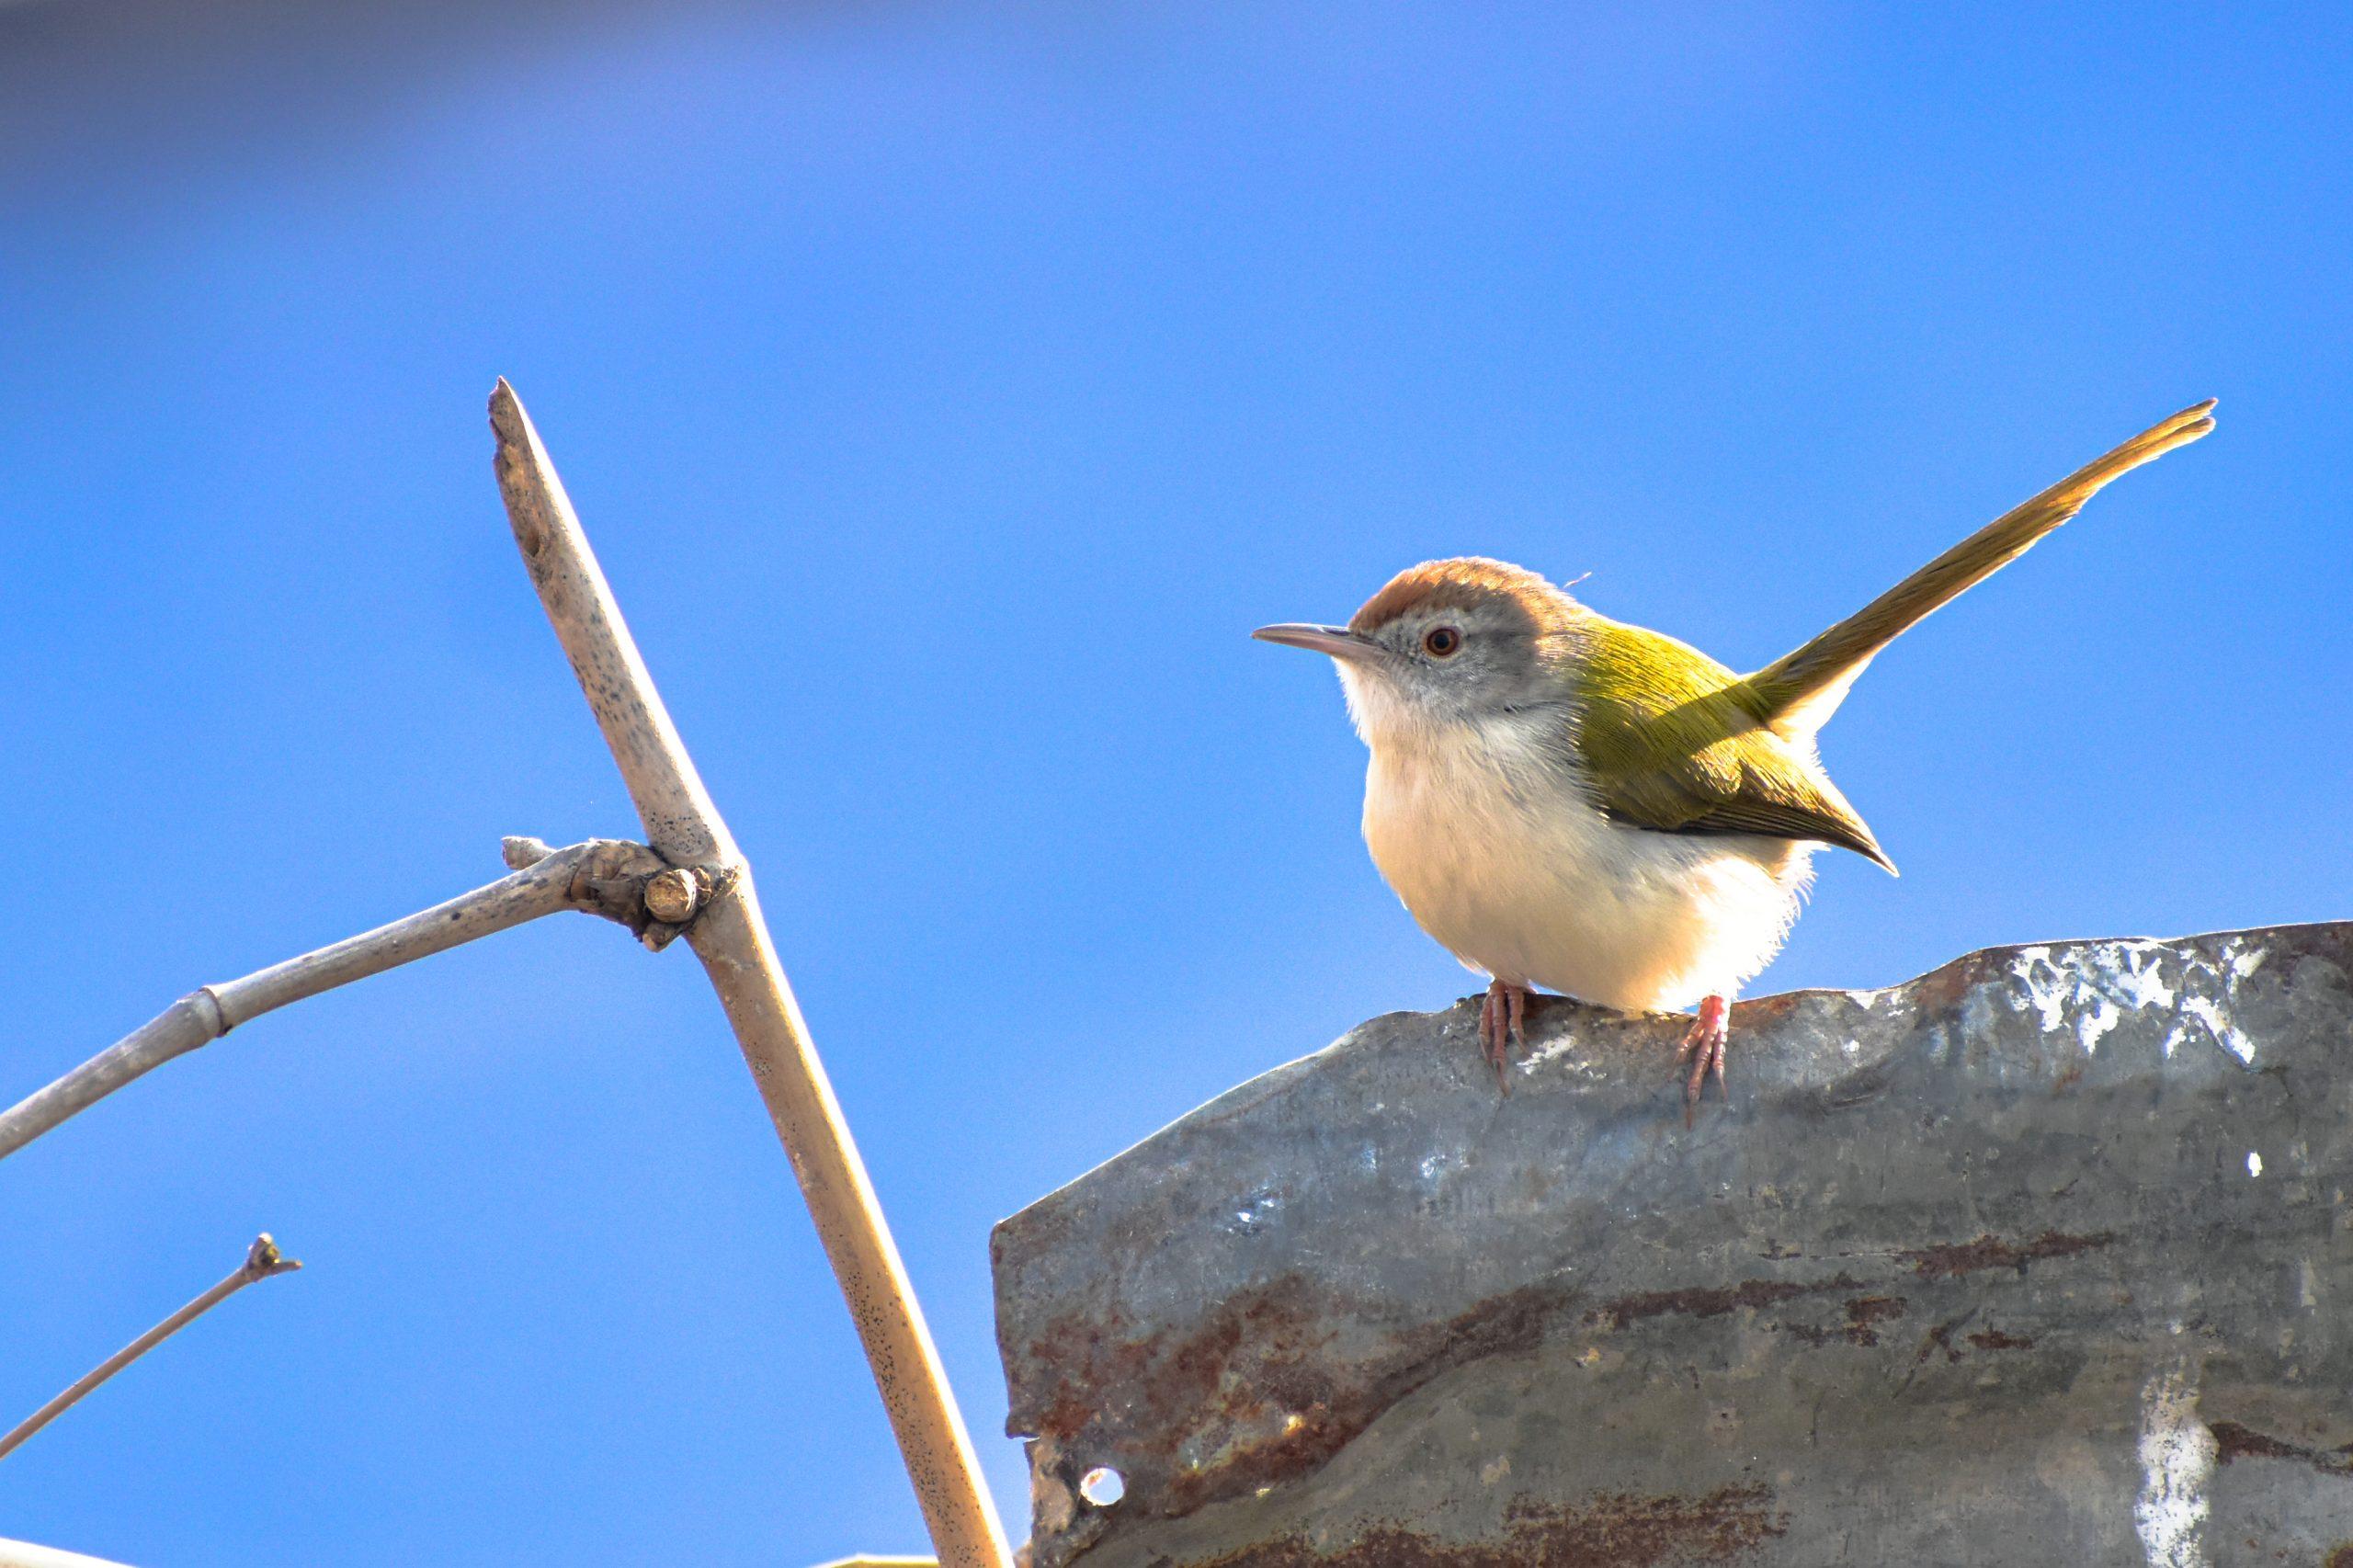 Tailor bird sitting on rock.